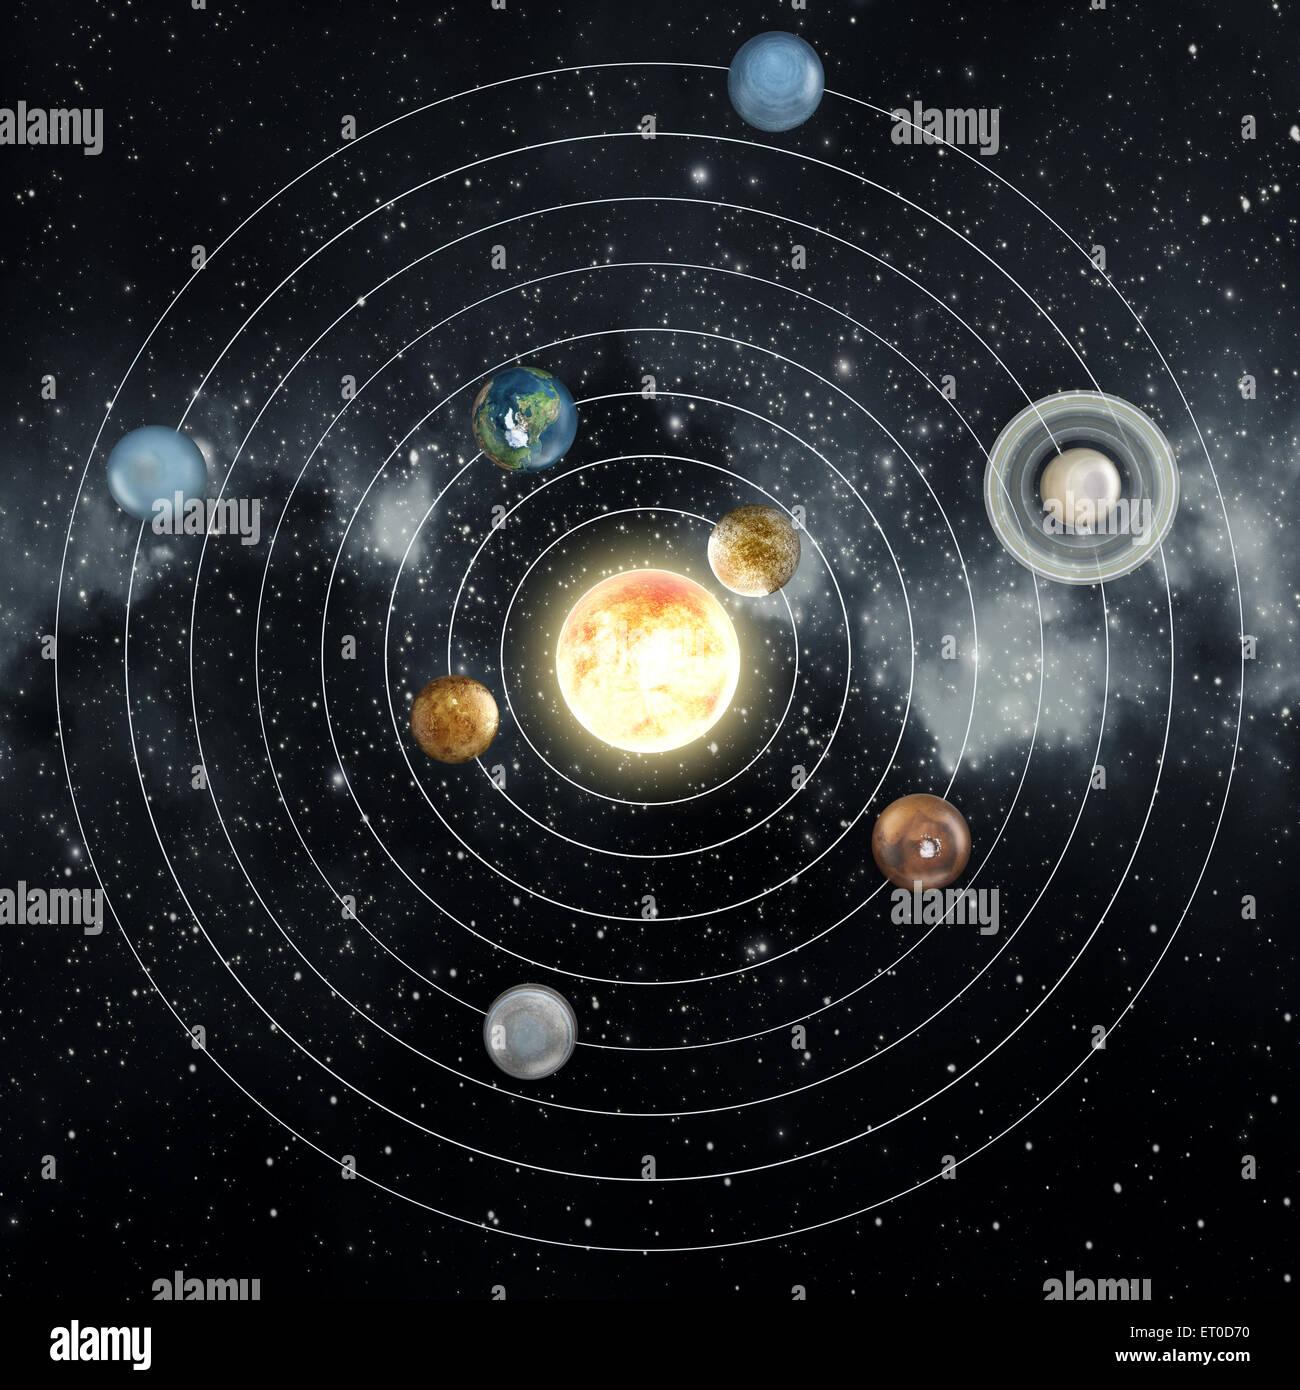 solar system diagram in